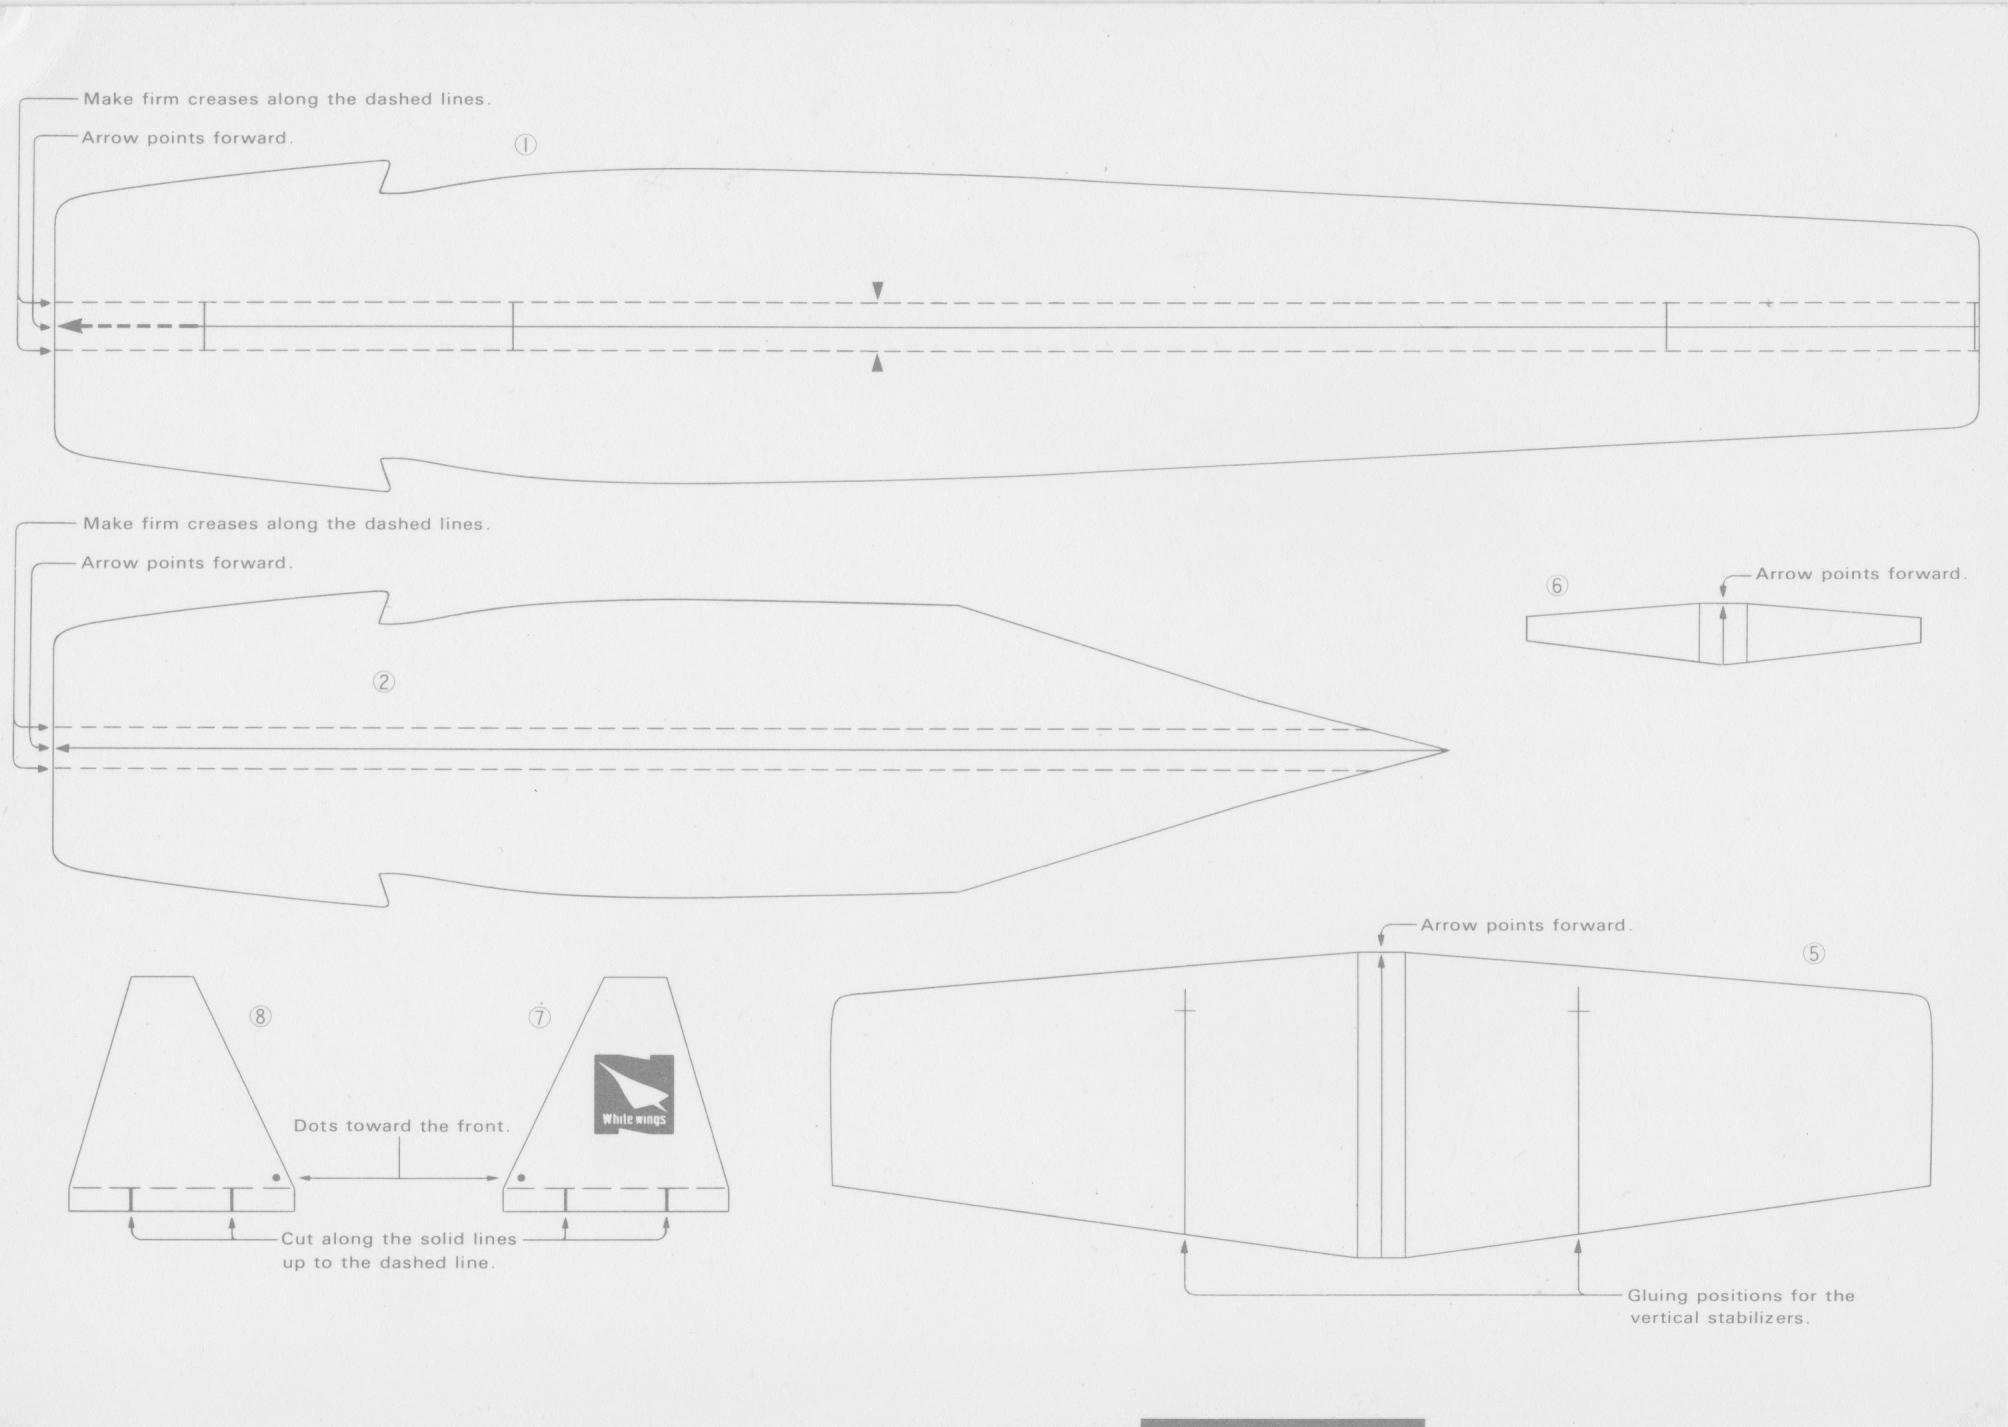 Tandem_plane_2.jpg